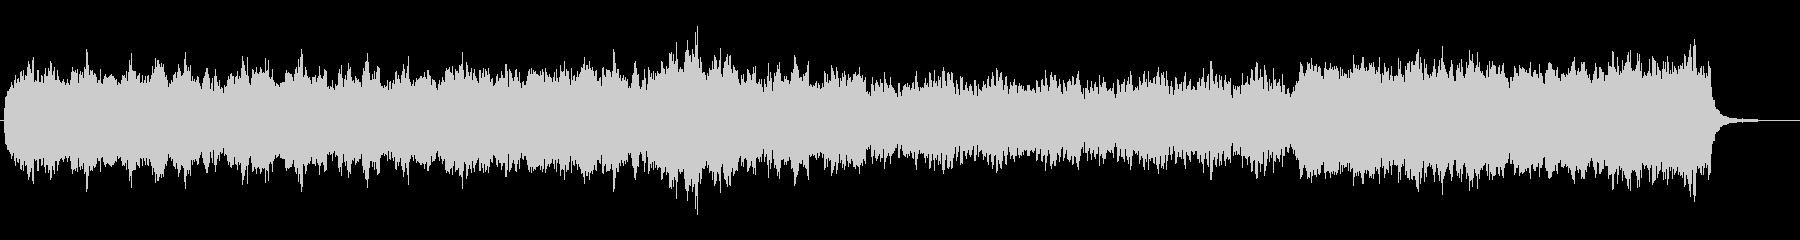 オーボエメインのセンチメンタルな幻想曲の未再生の波形